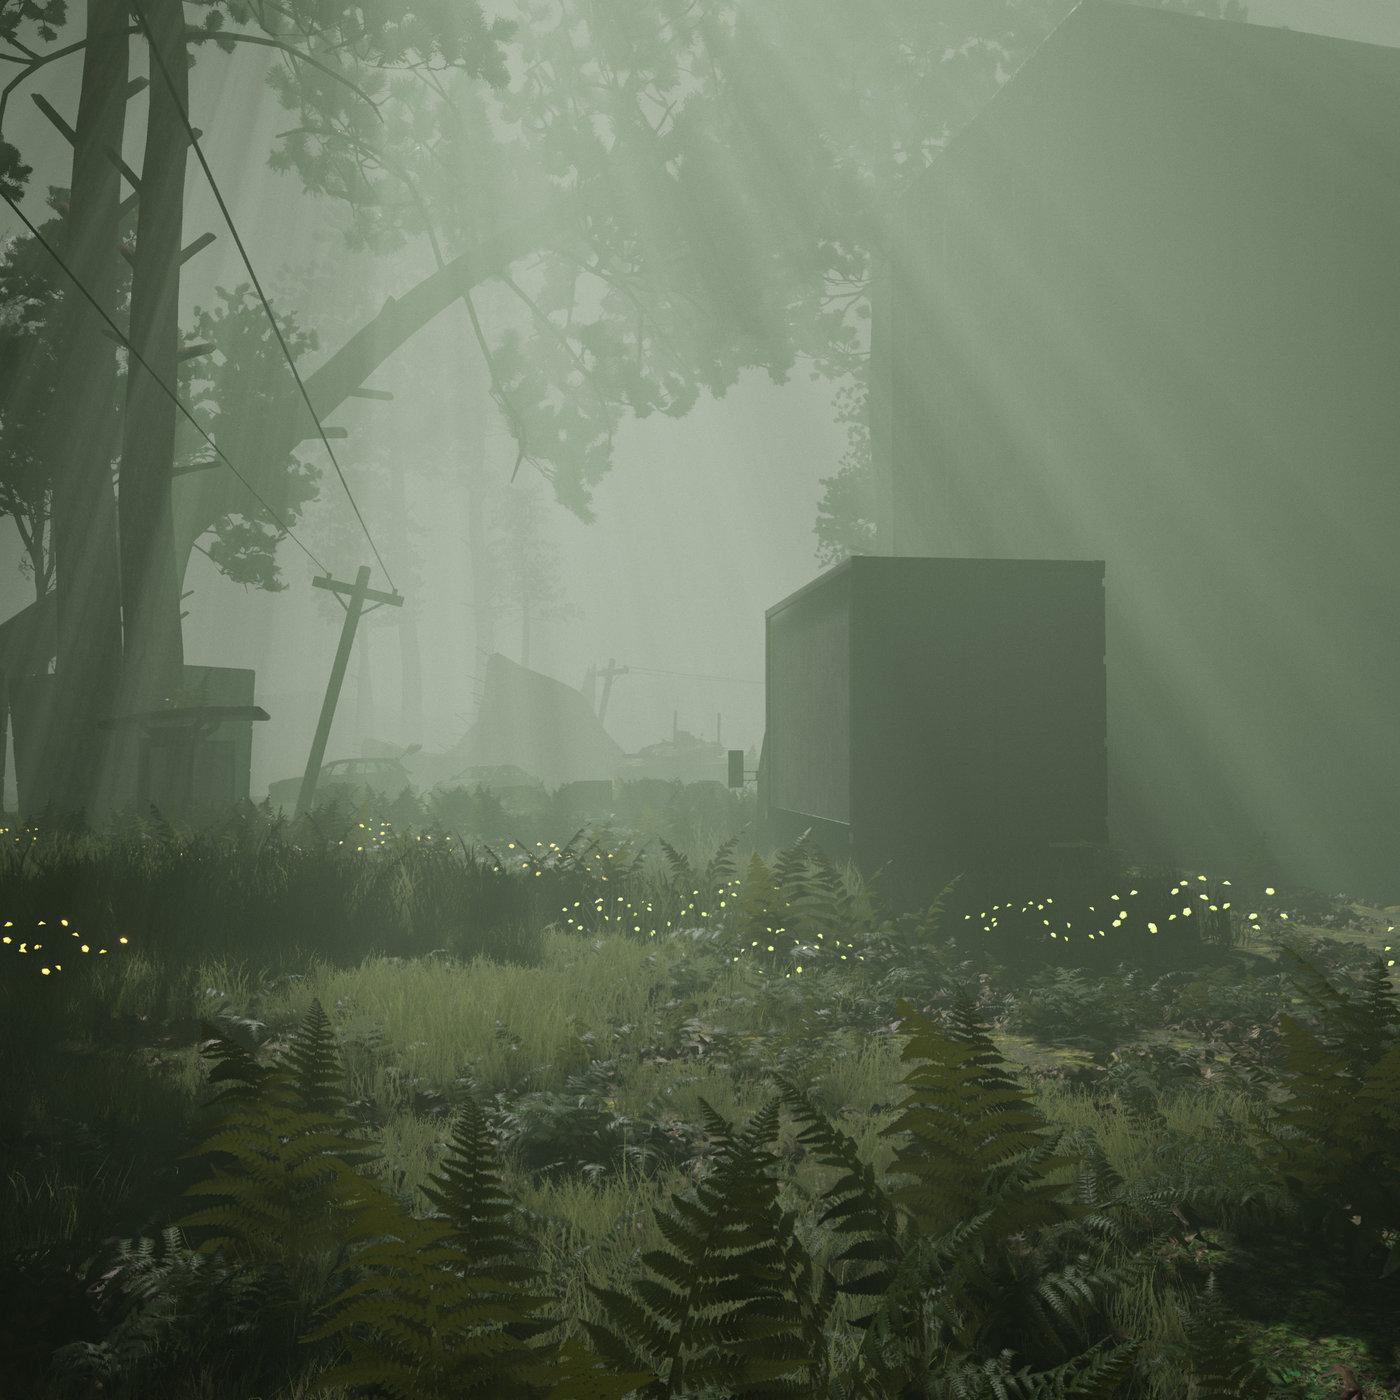 Abandoned City - Lighting in Fog